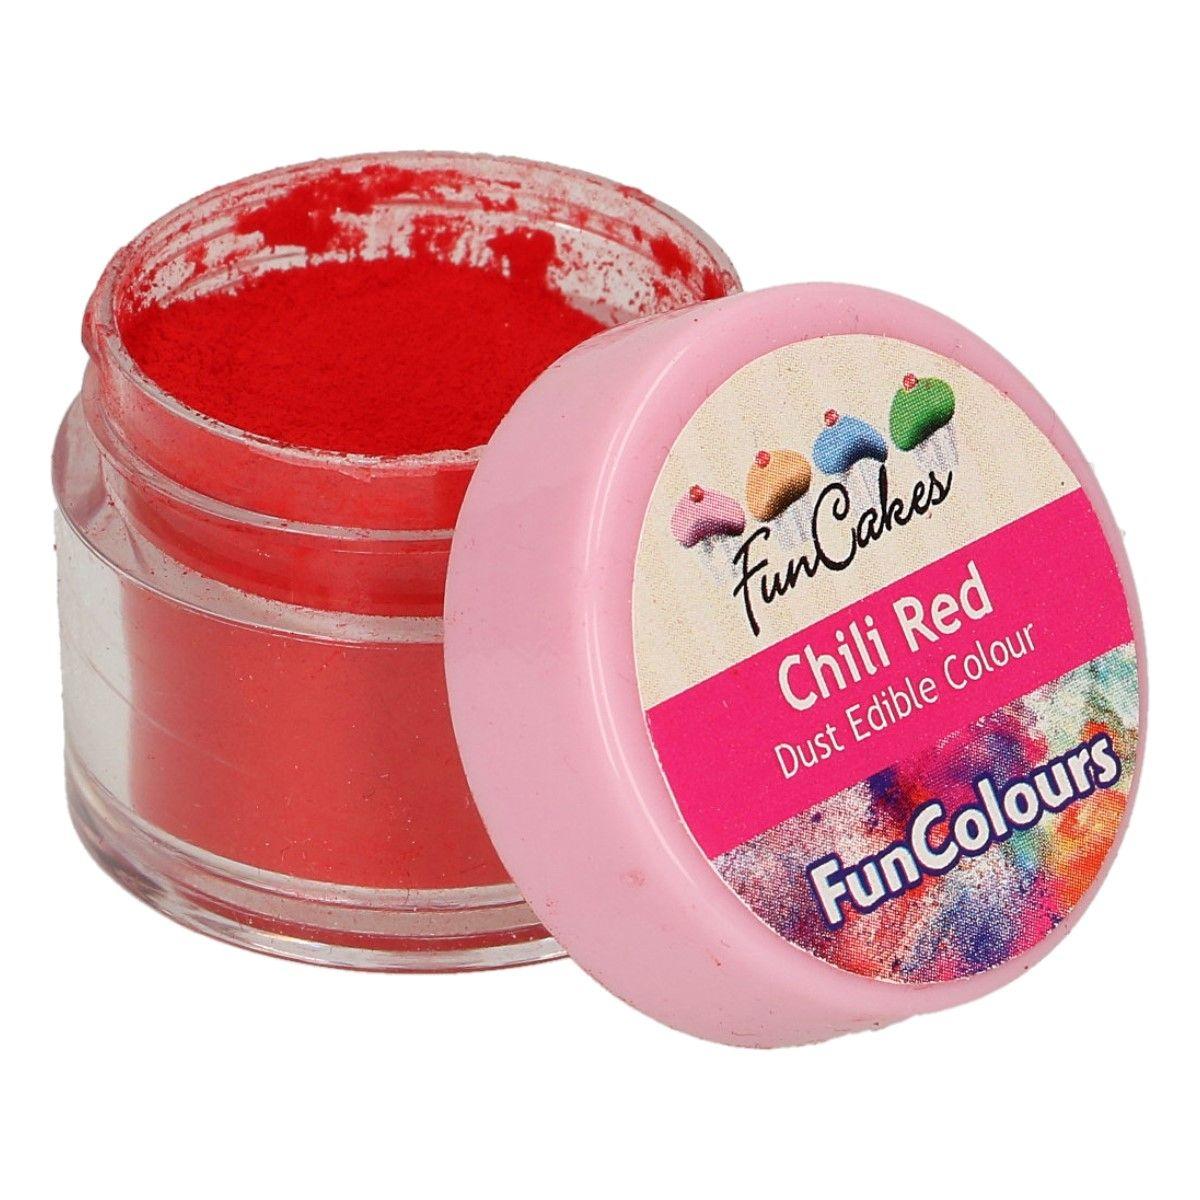 Po - Chili Red